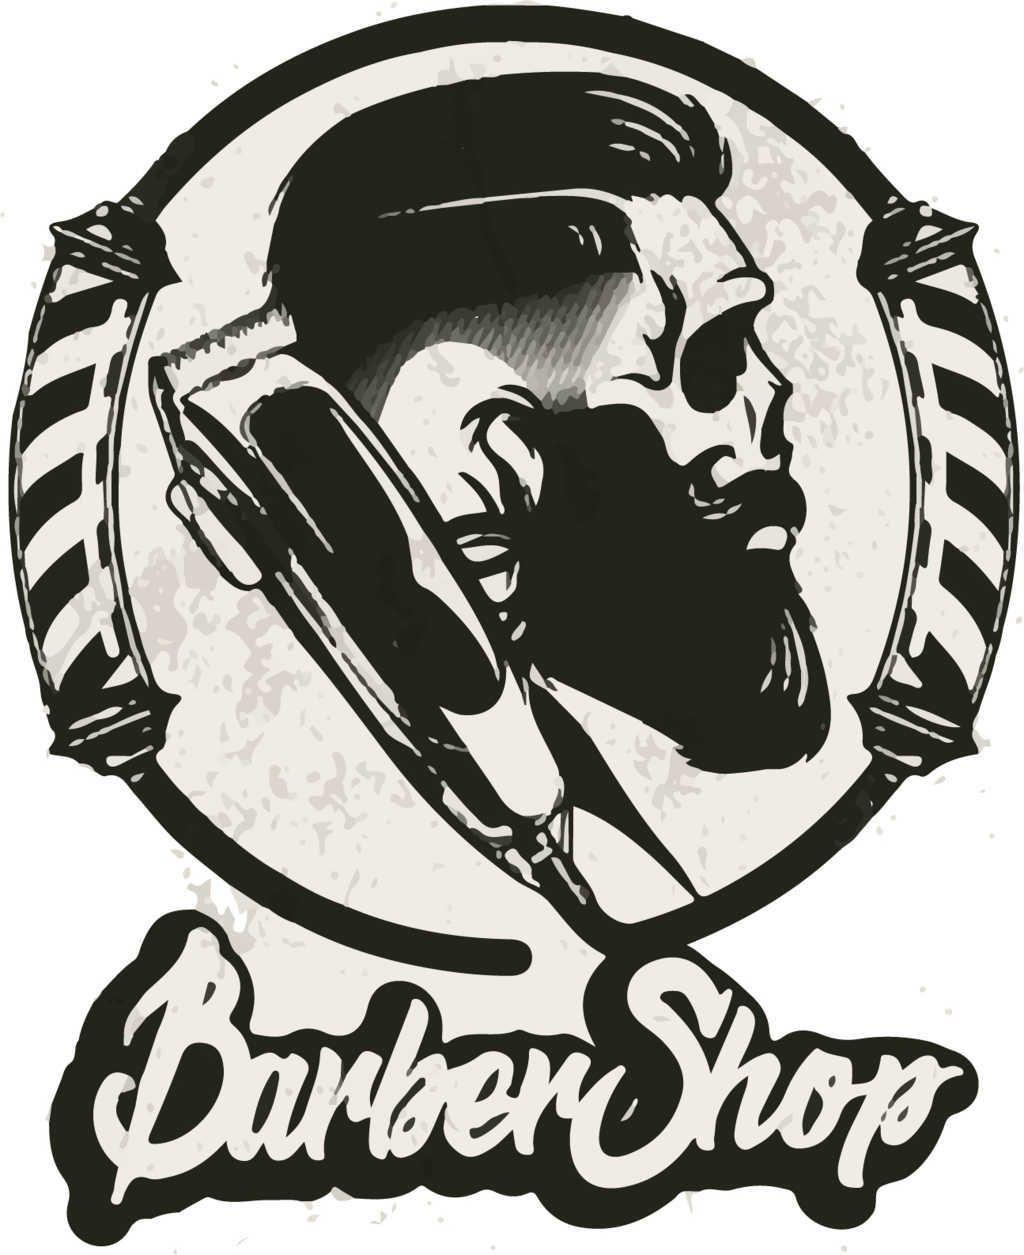 Barber Shop Fotos De Barberias Frases De Barberia Historia De La Barberia